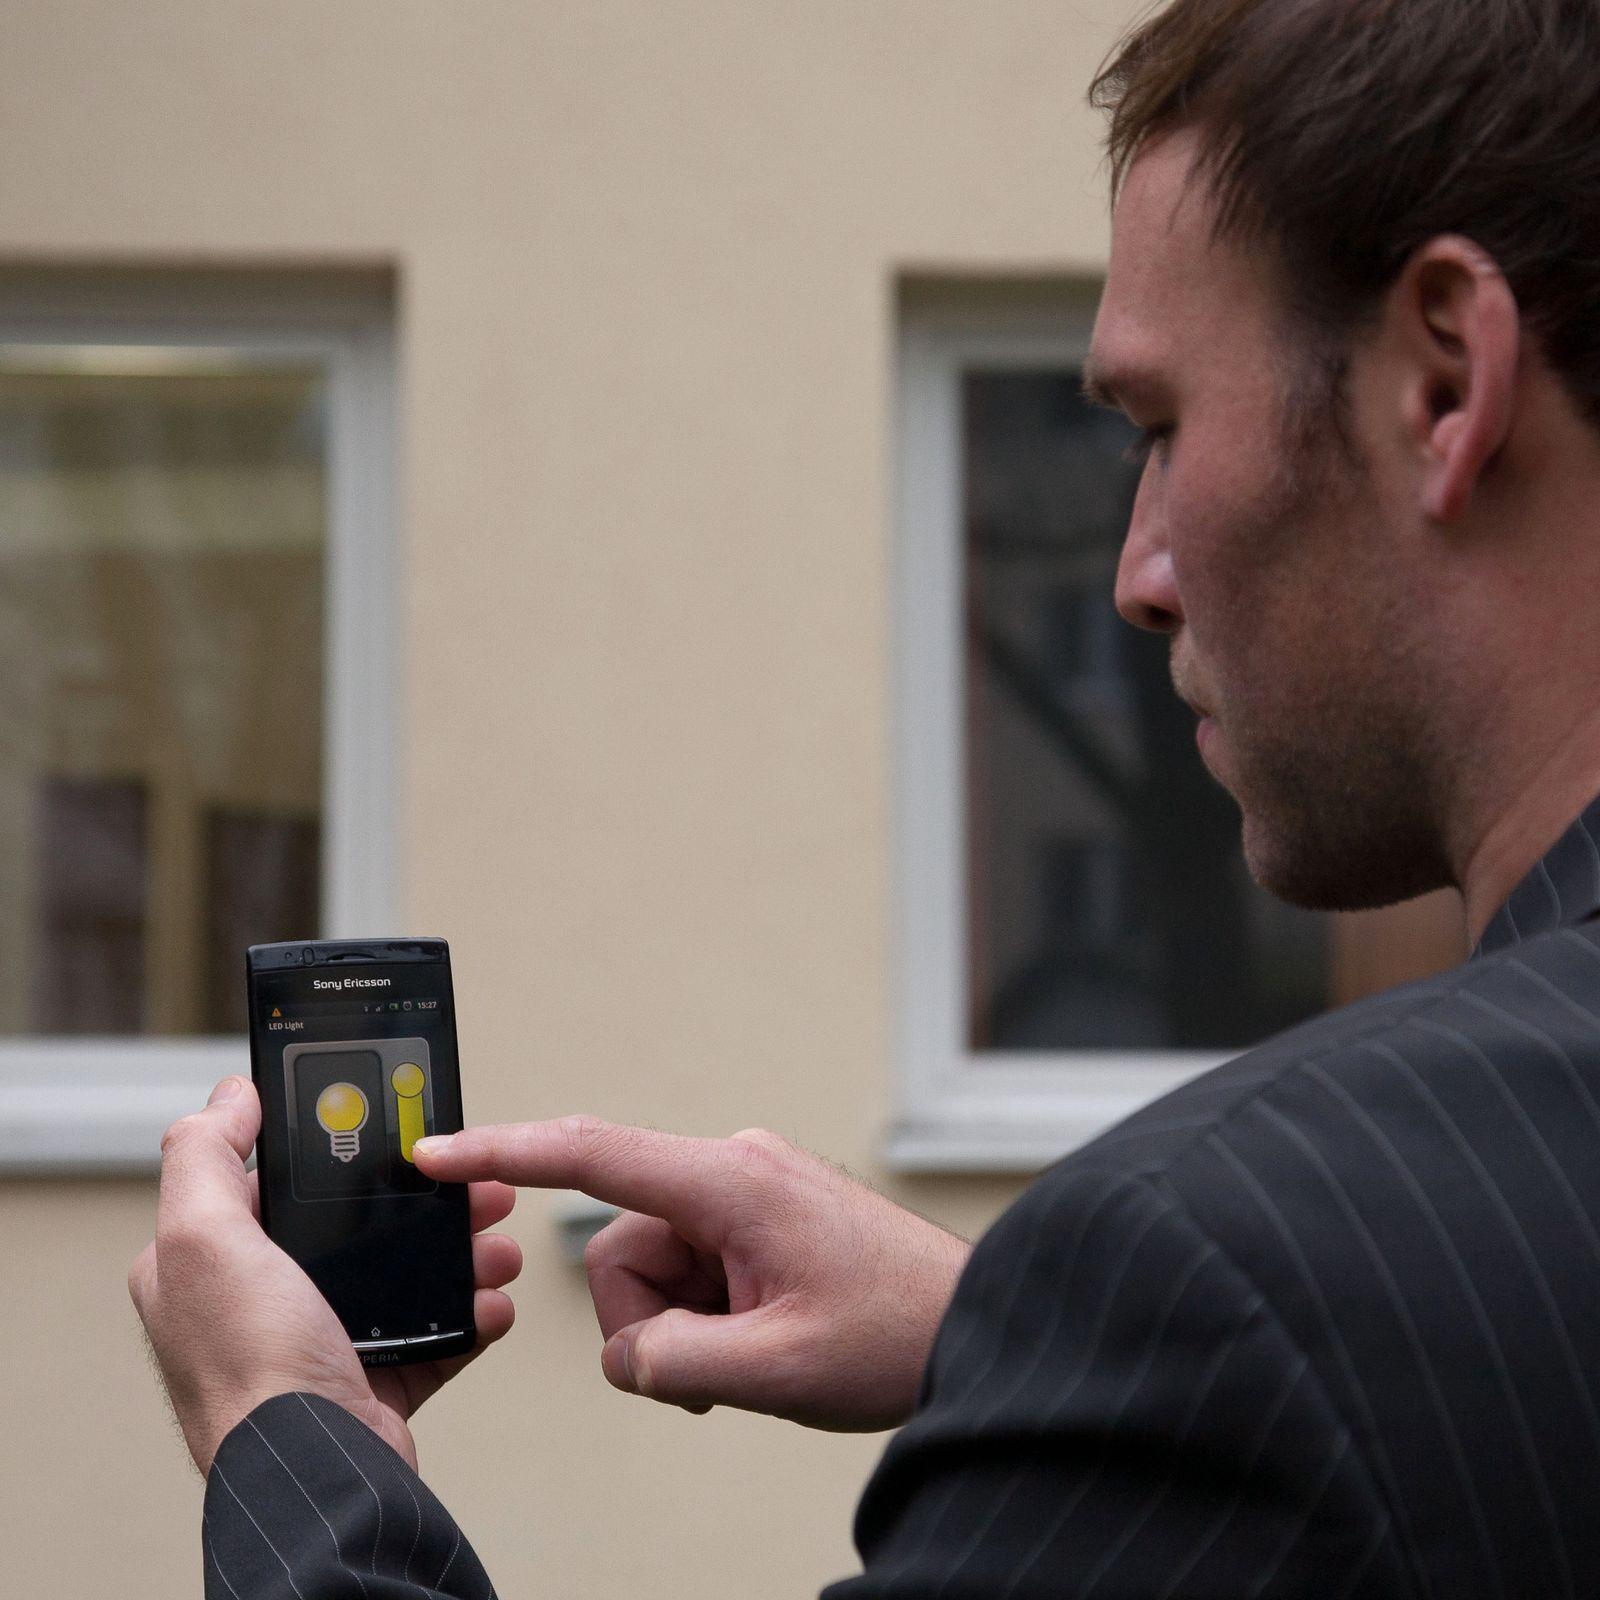 EINMALIGE VERWENDUNG Das Smartphone schnappt den Einbrecher - Vernetzte Wohnwelten